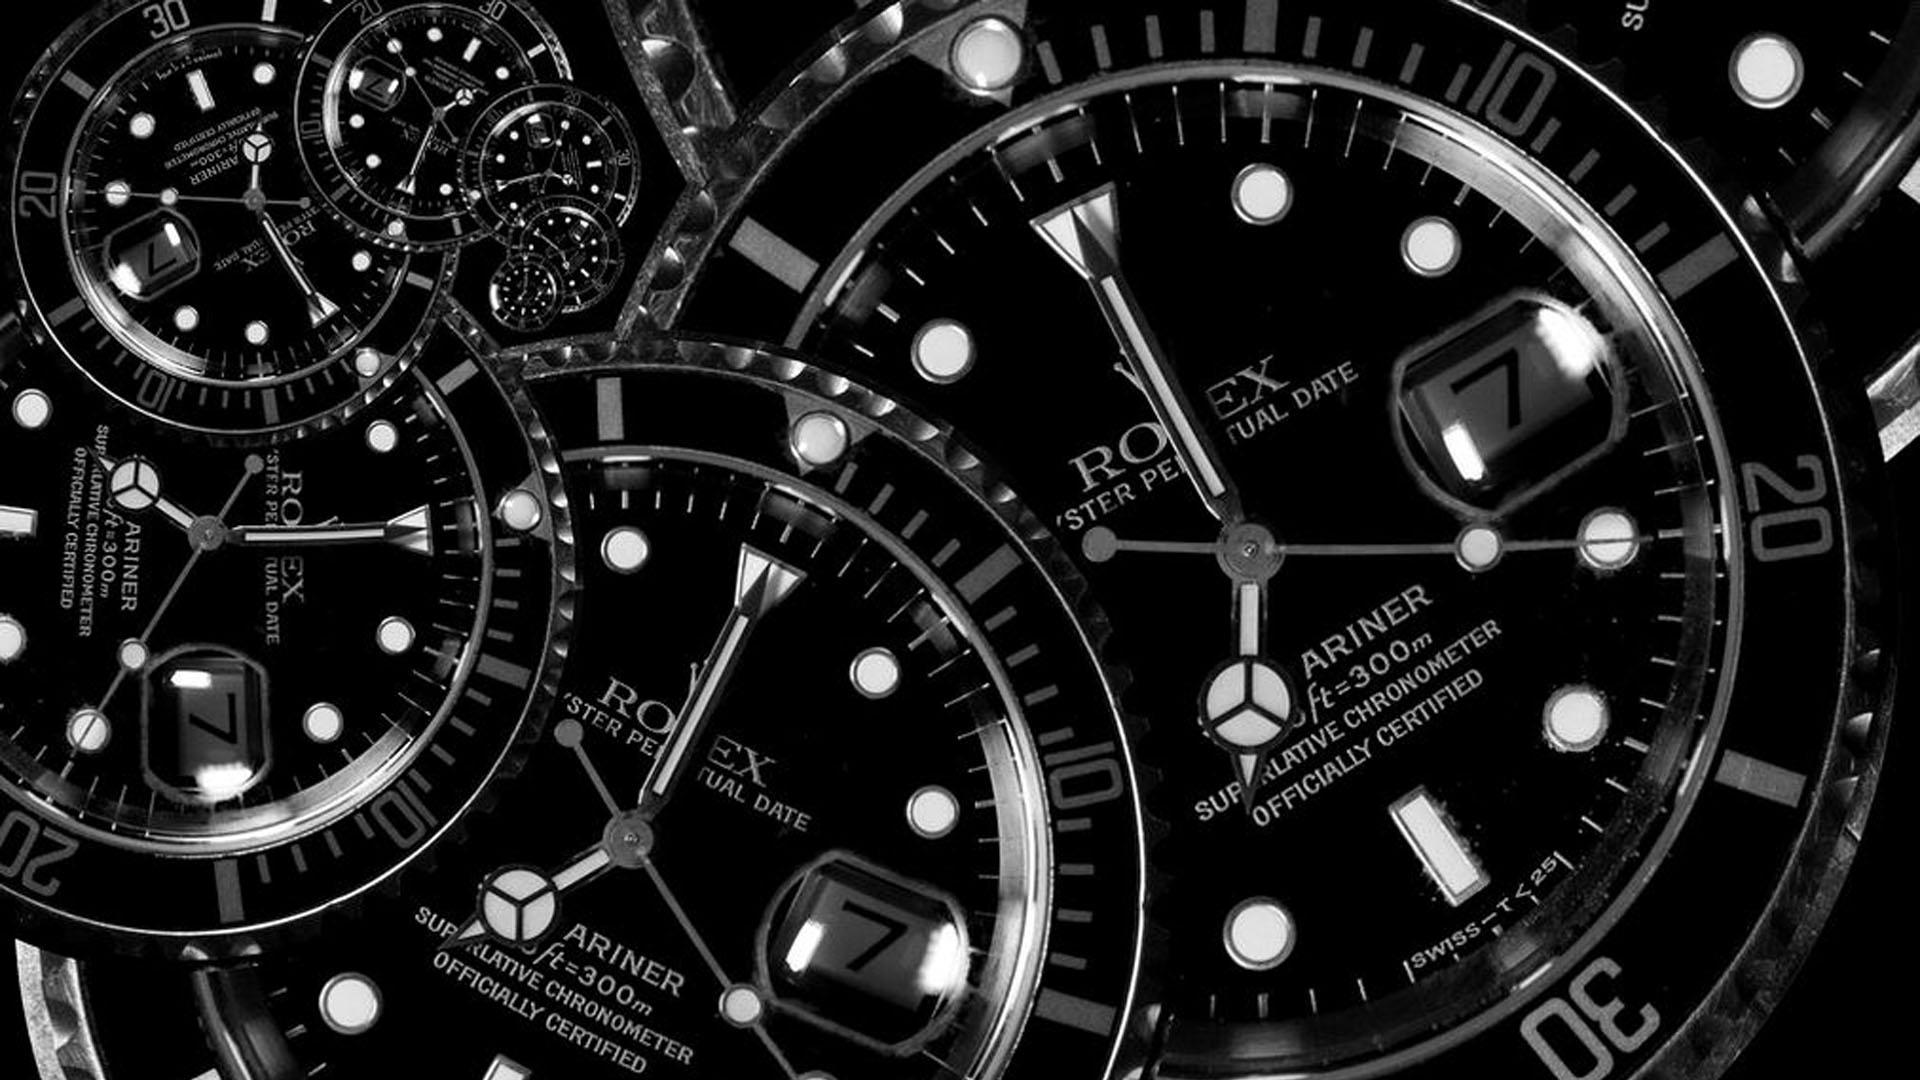 男がハイブランドの時計を持つメリット【これだけ良いことがある】